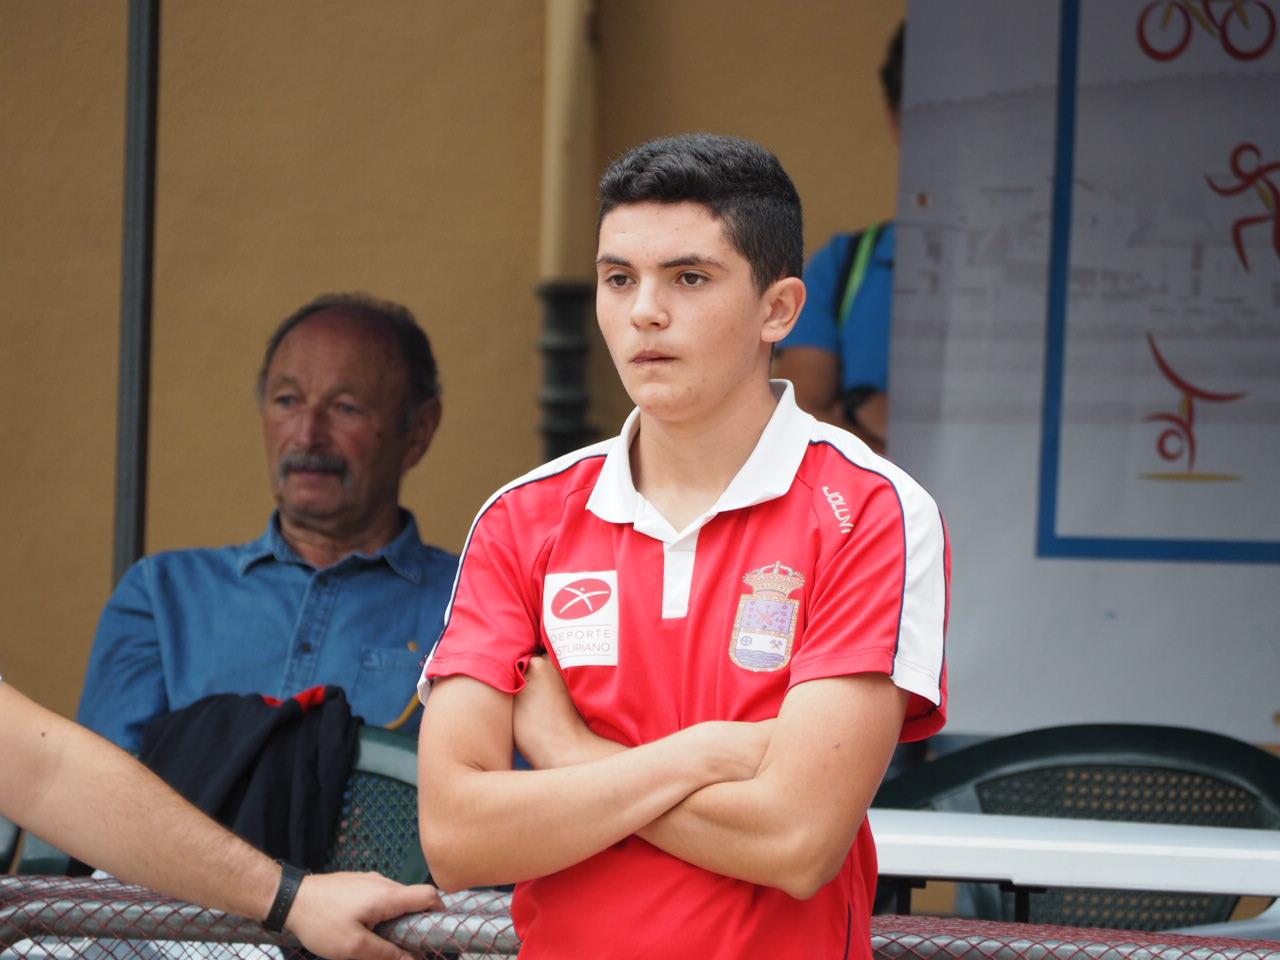 Pablo Fernández acabó el 2019 en el 5º puesto del ranking nacional de la cuatreada